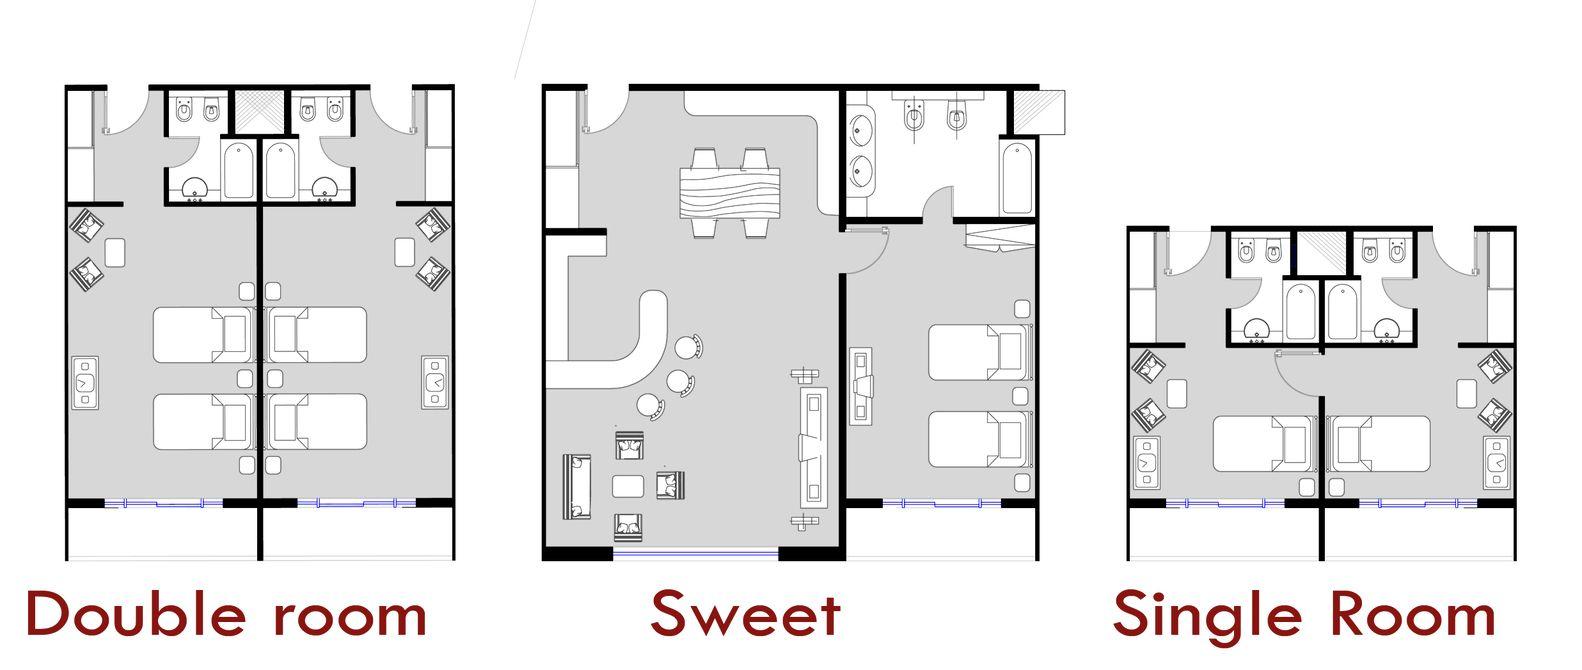 Gallery Of Father And Son Skyscraper Iamz Studio 13 Hotel Room Plan Hotel Floor Plan Hotel Floor